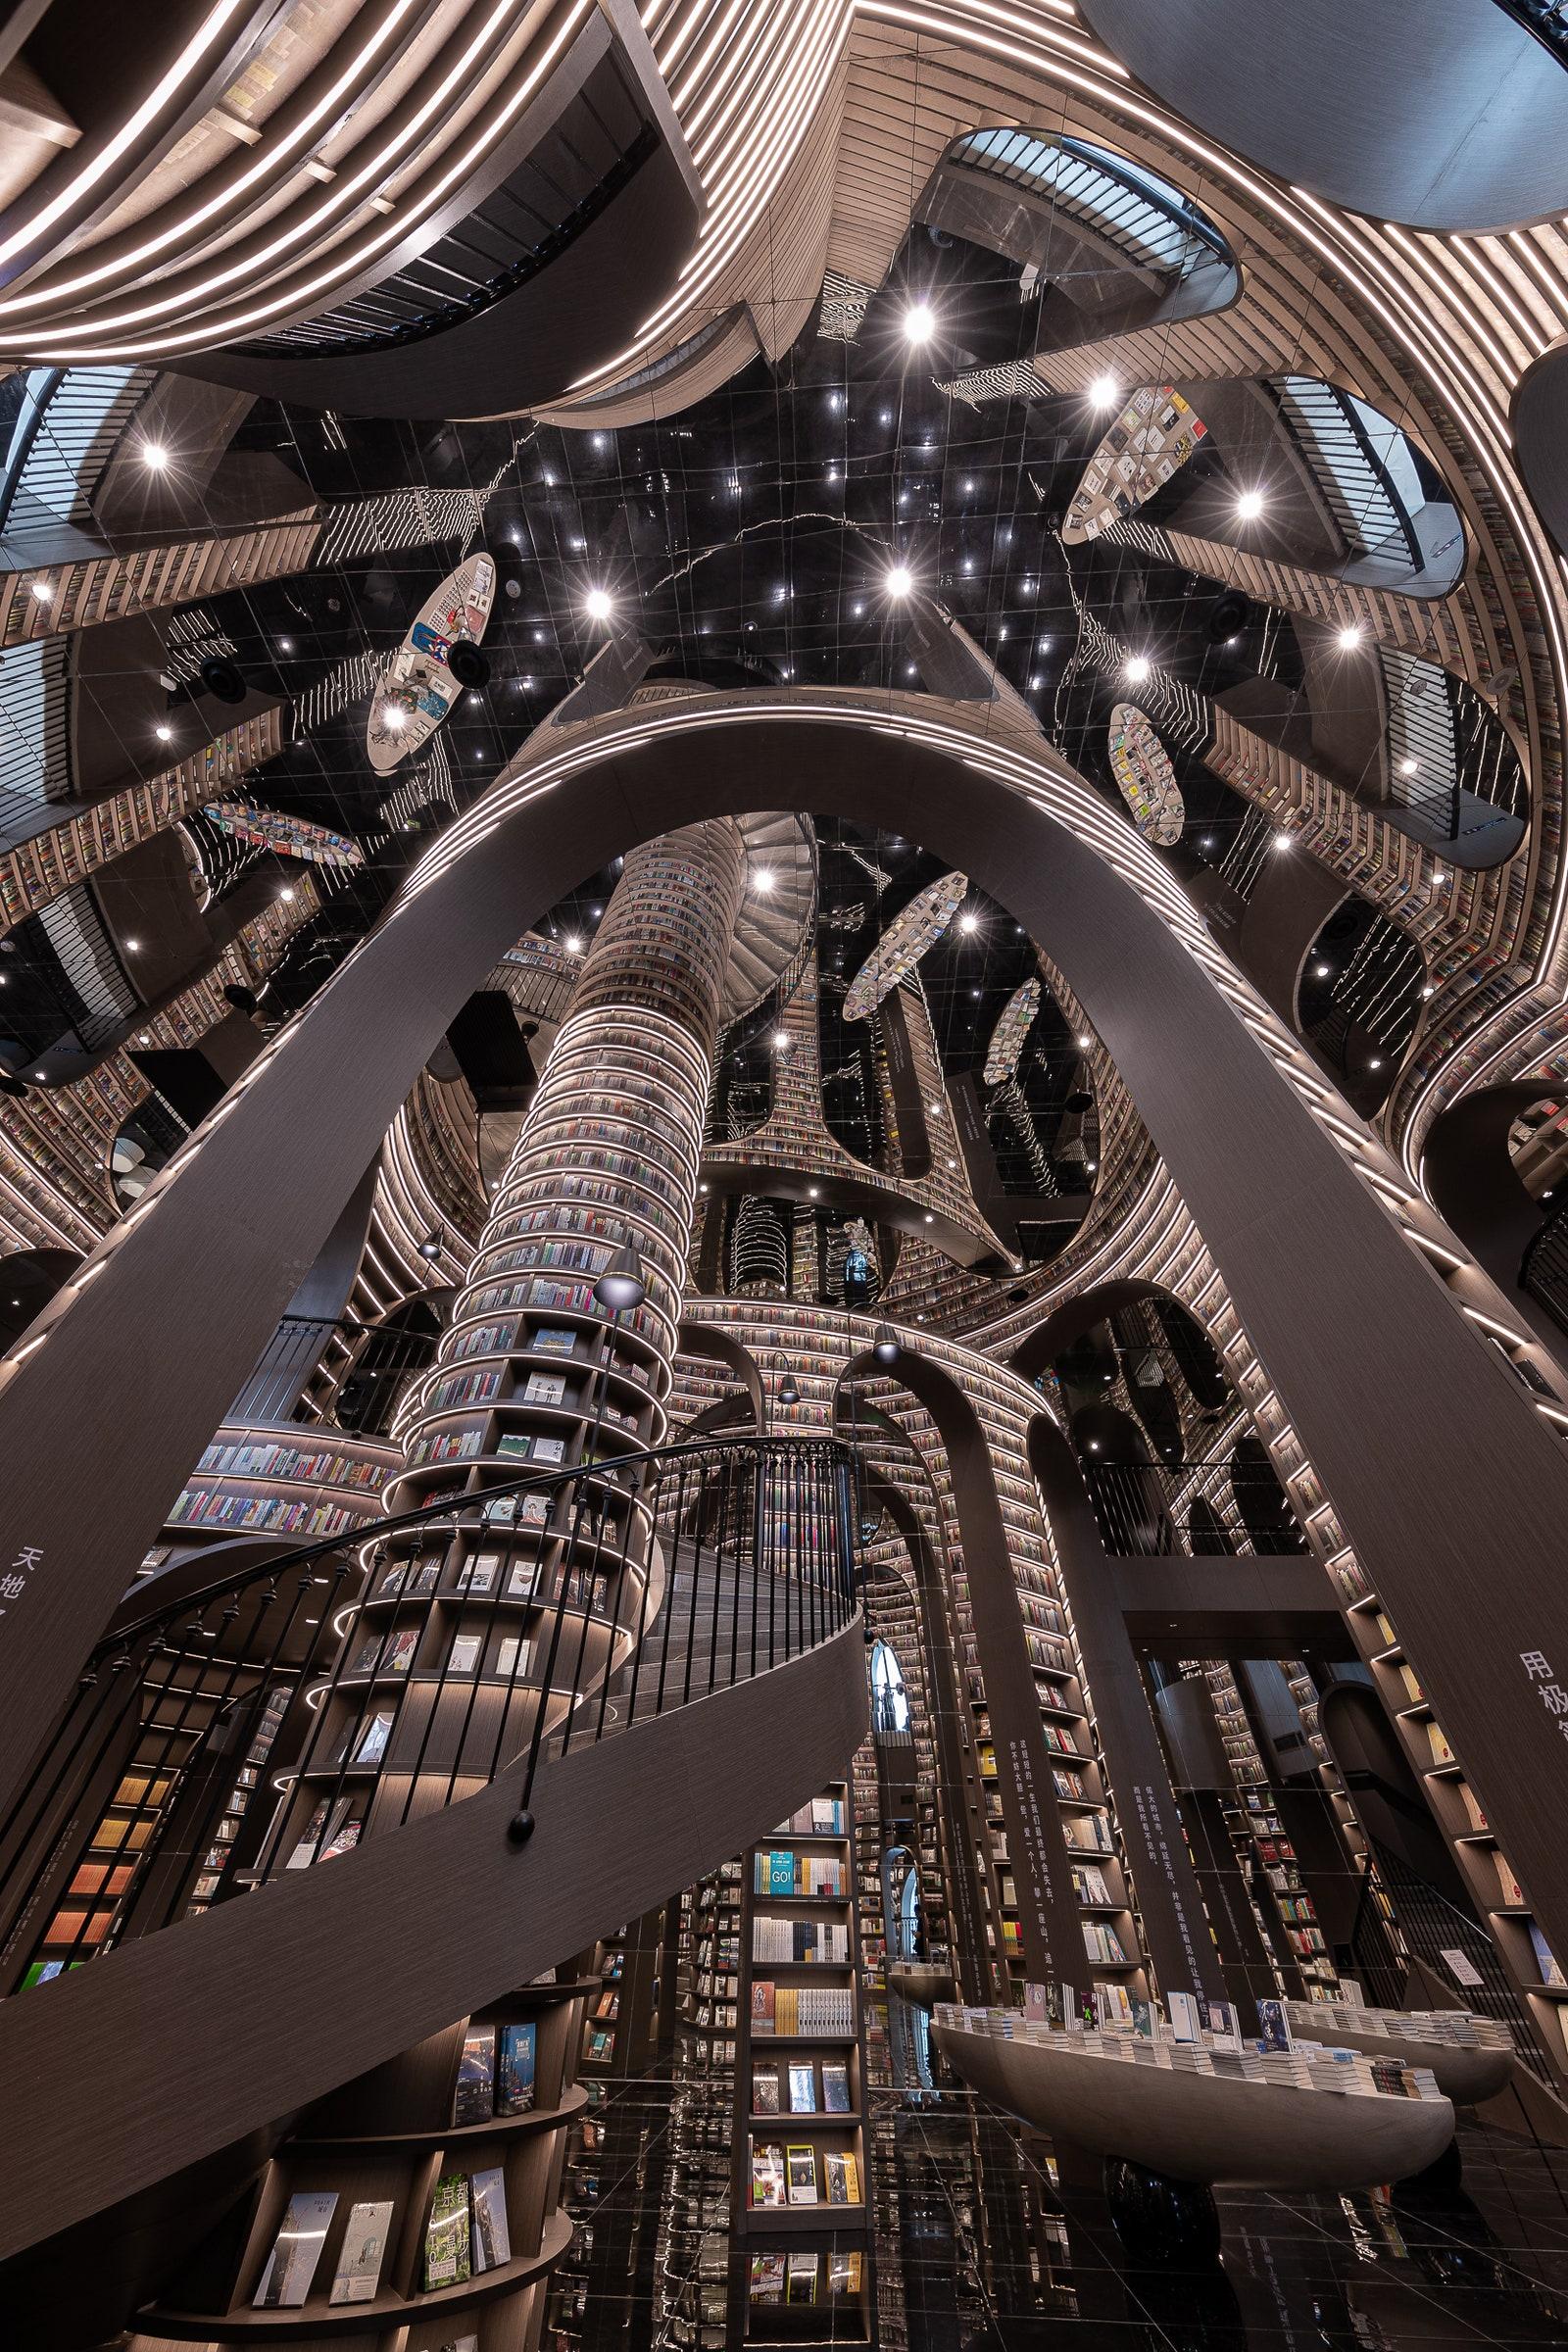 Книги від підлоги до стелі: у Китаї відкрився книжковий магазин із неймовірним інтер'єром - фото 2